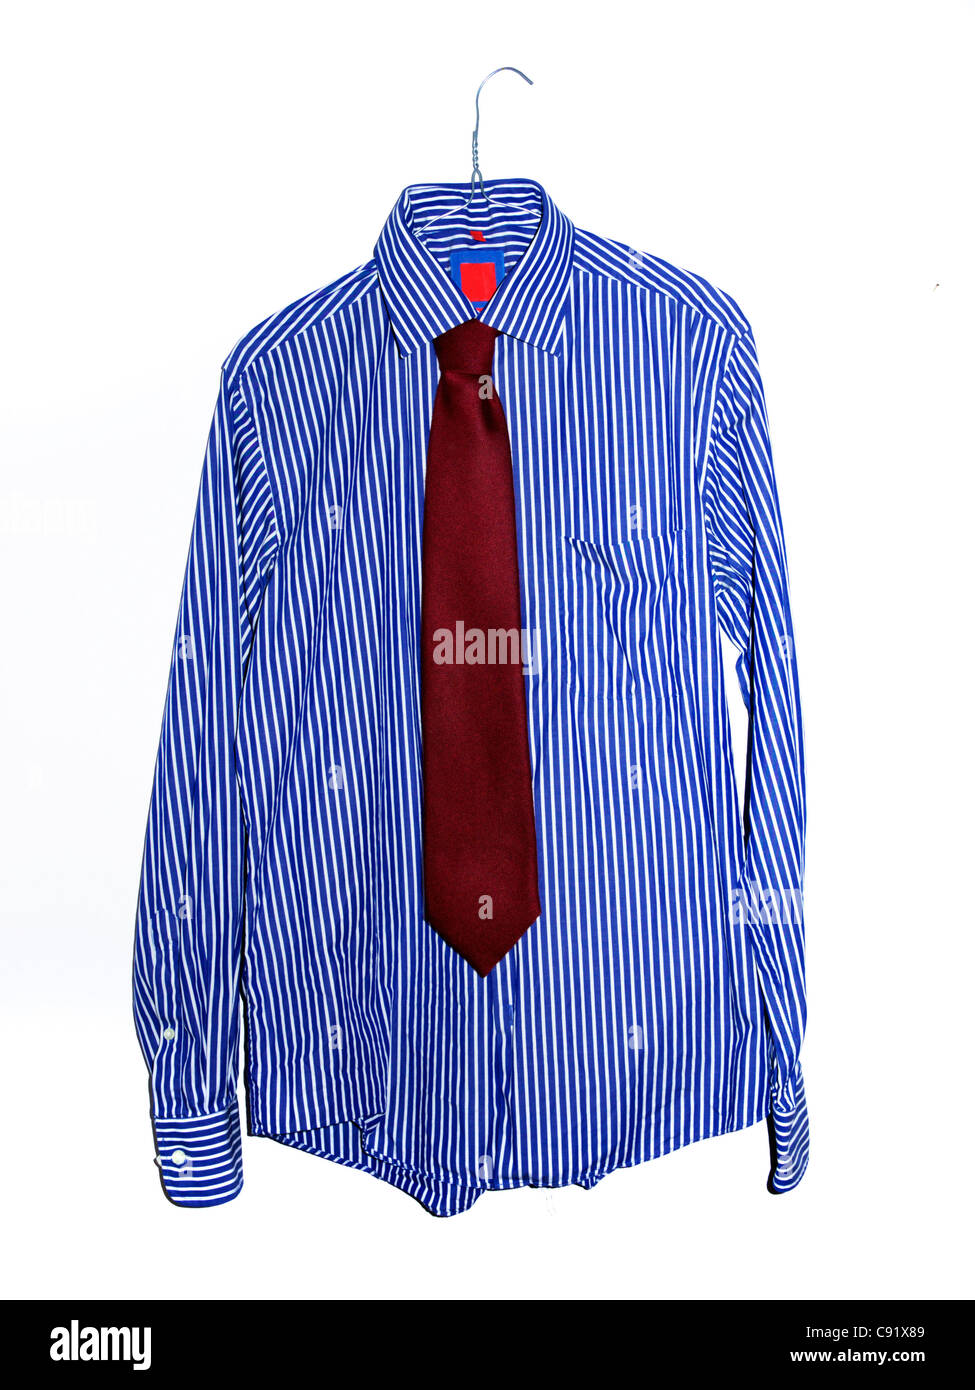 Camicia a Righe e cravatta su sfondo bianco Immagini Stock